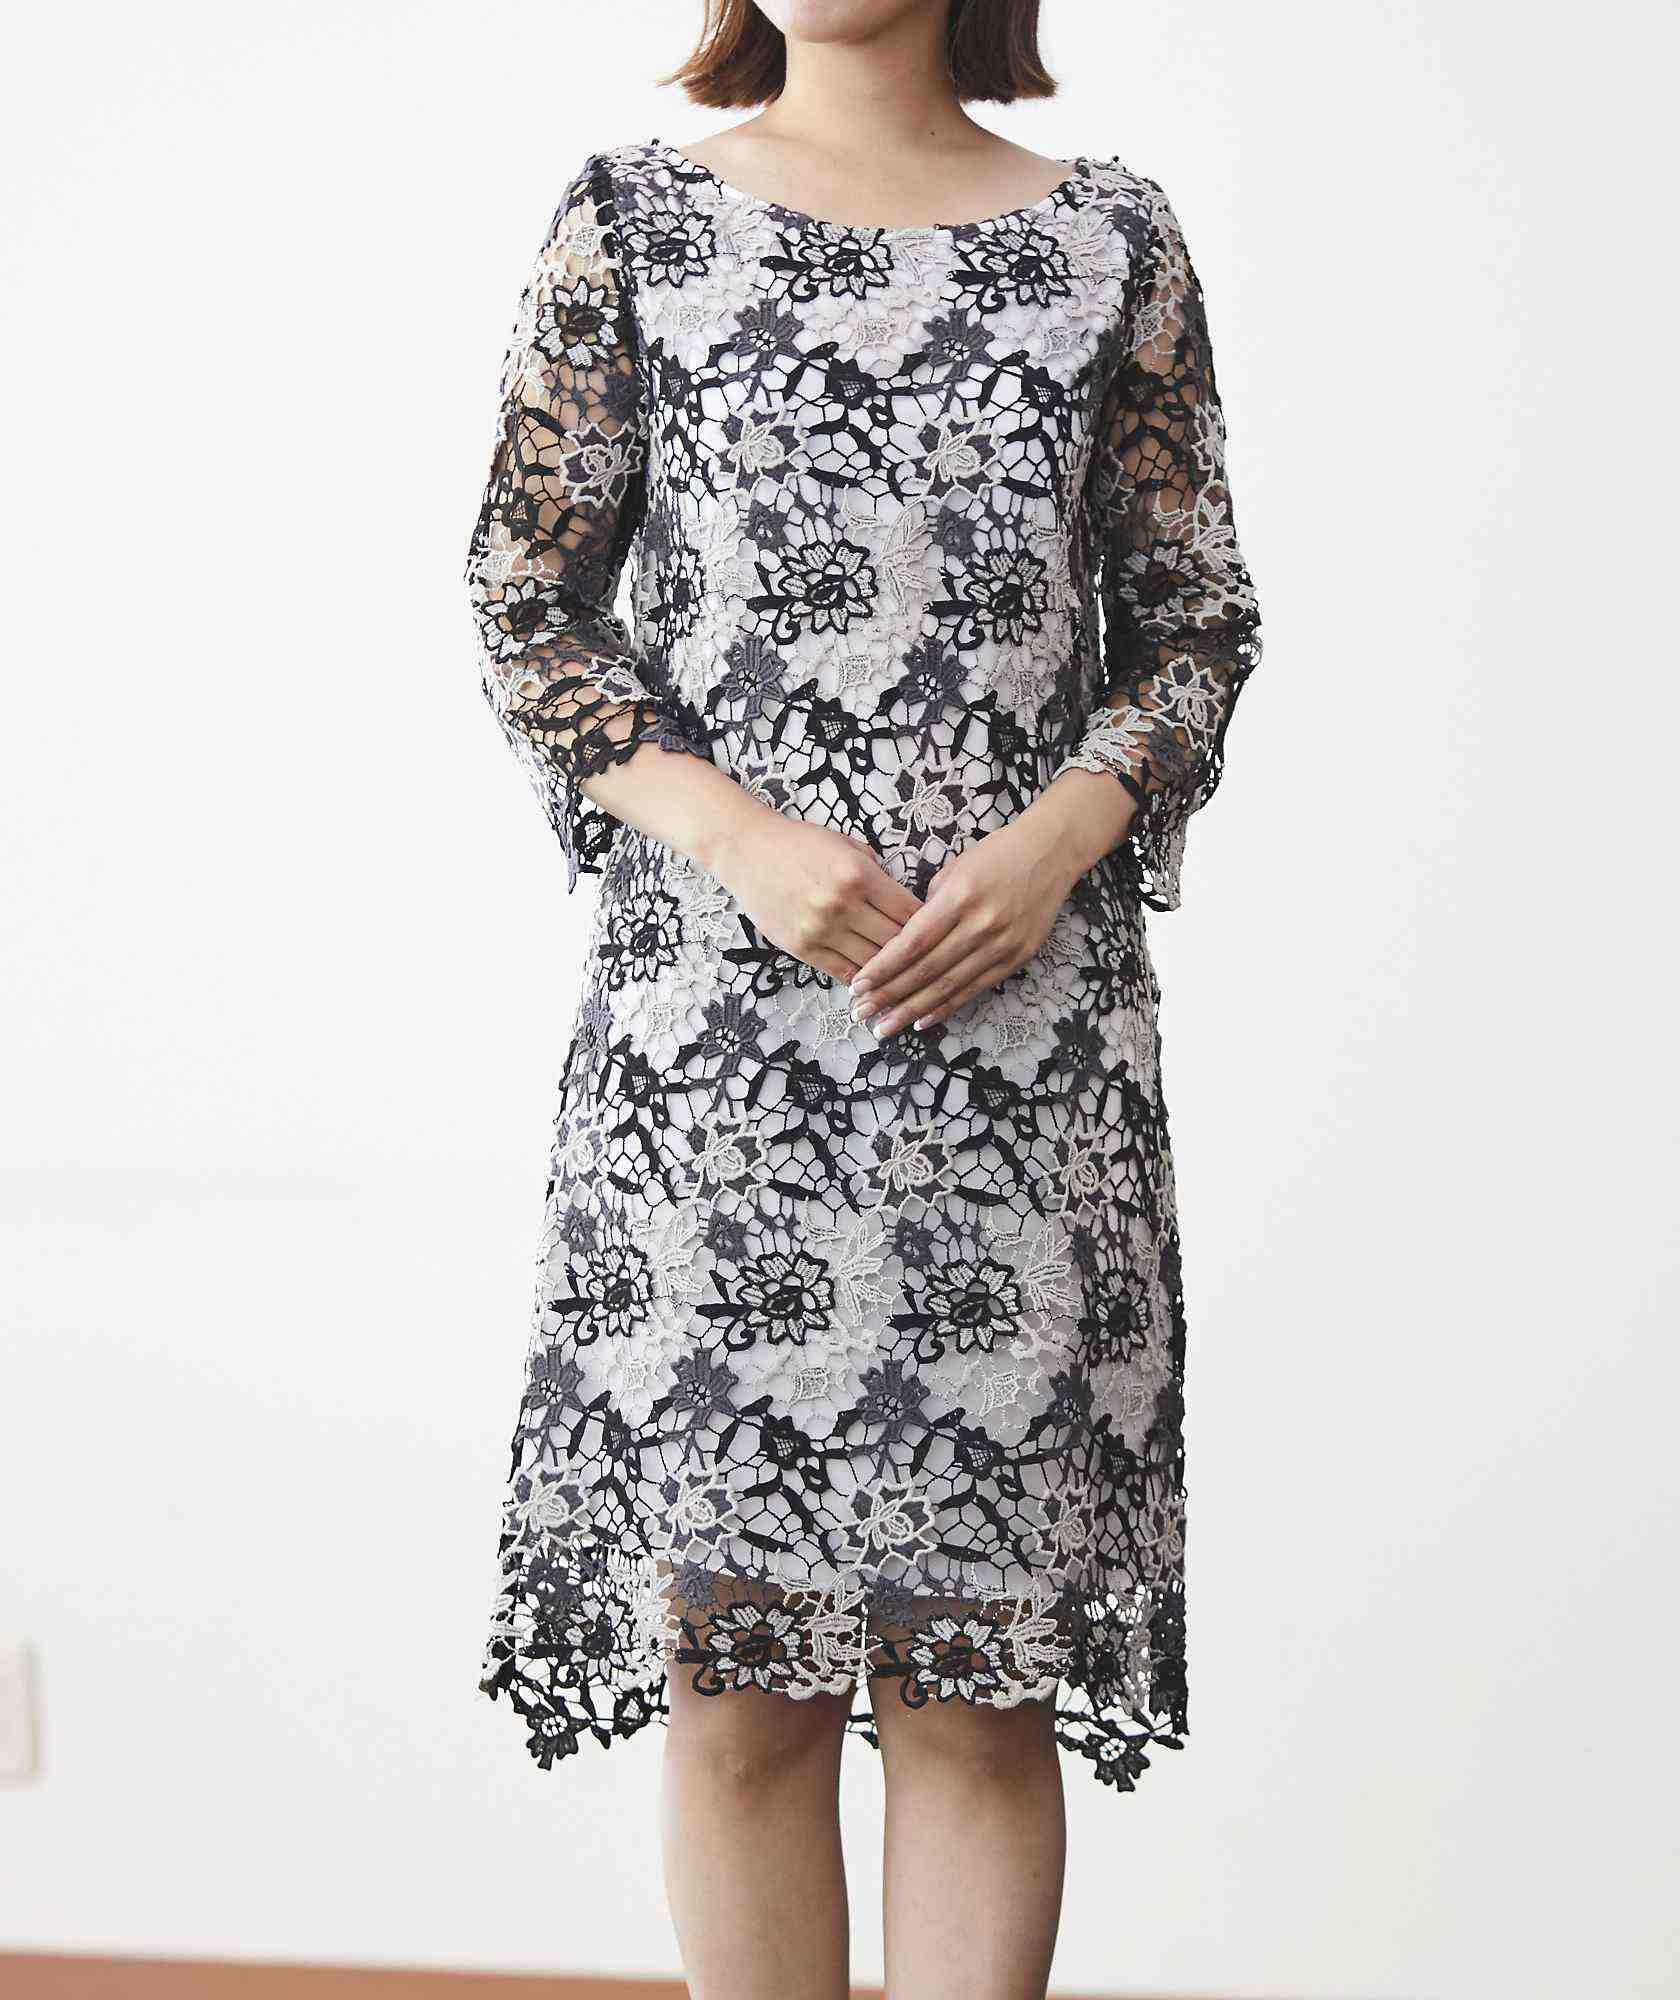 ブラック×ホワイトレースミディアムドレス-ブラック-M